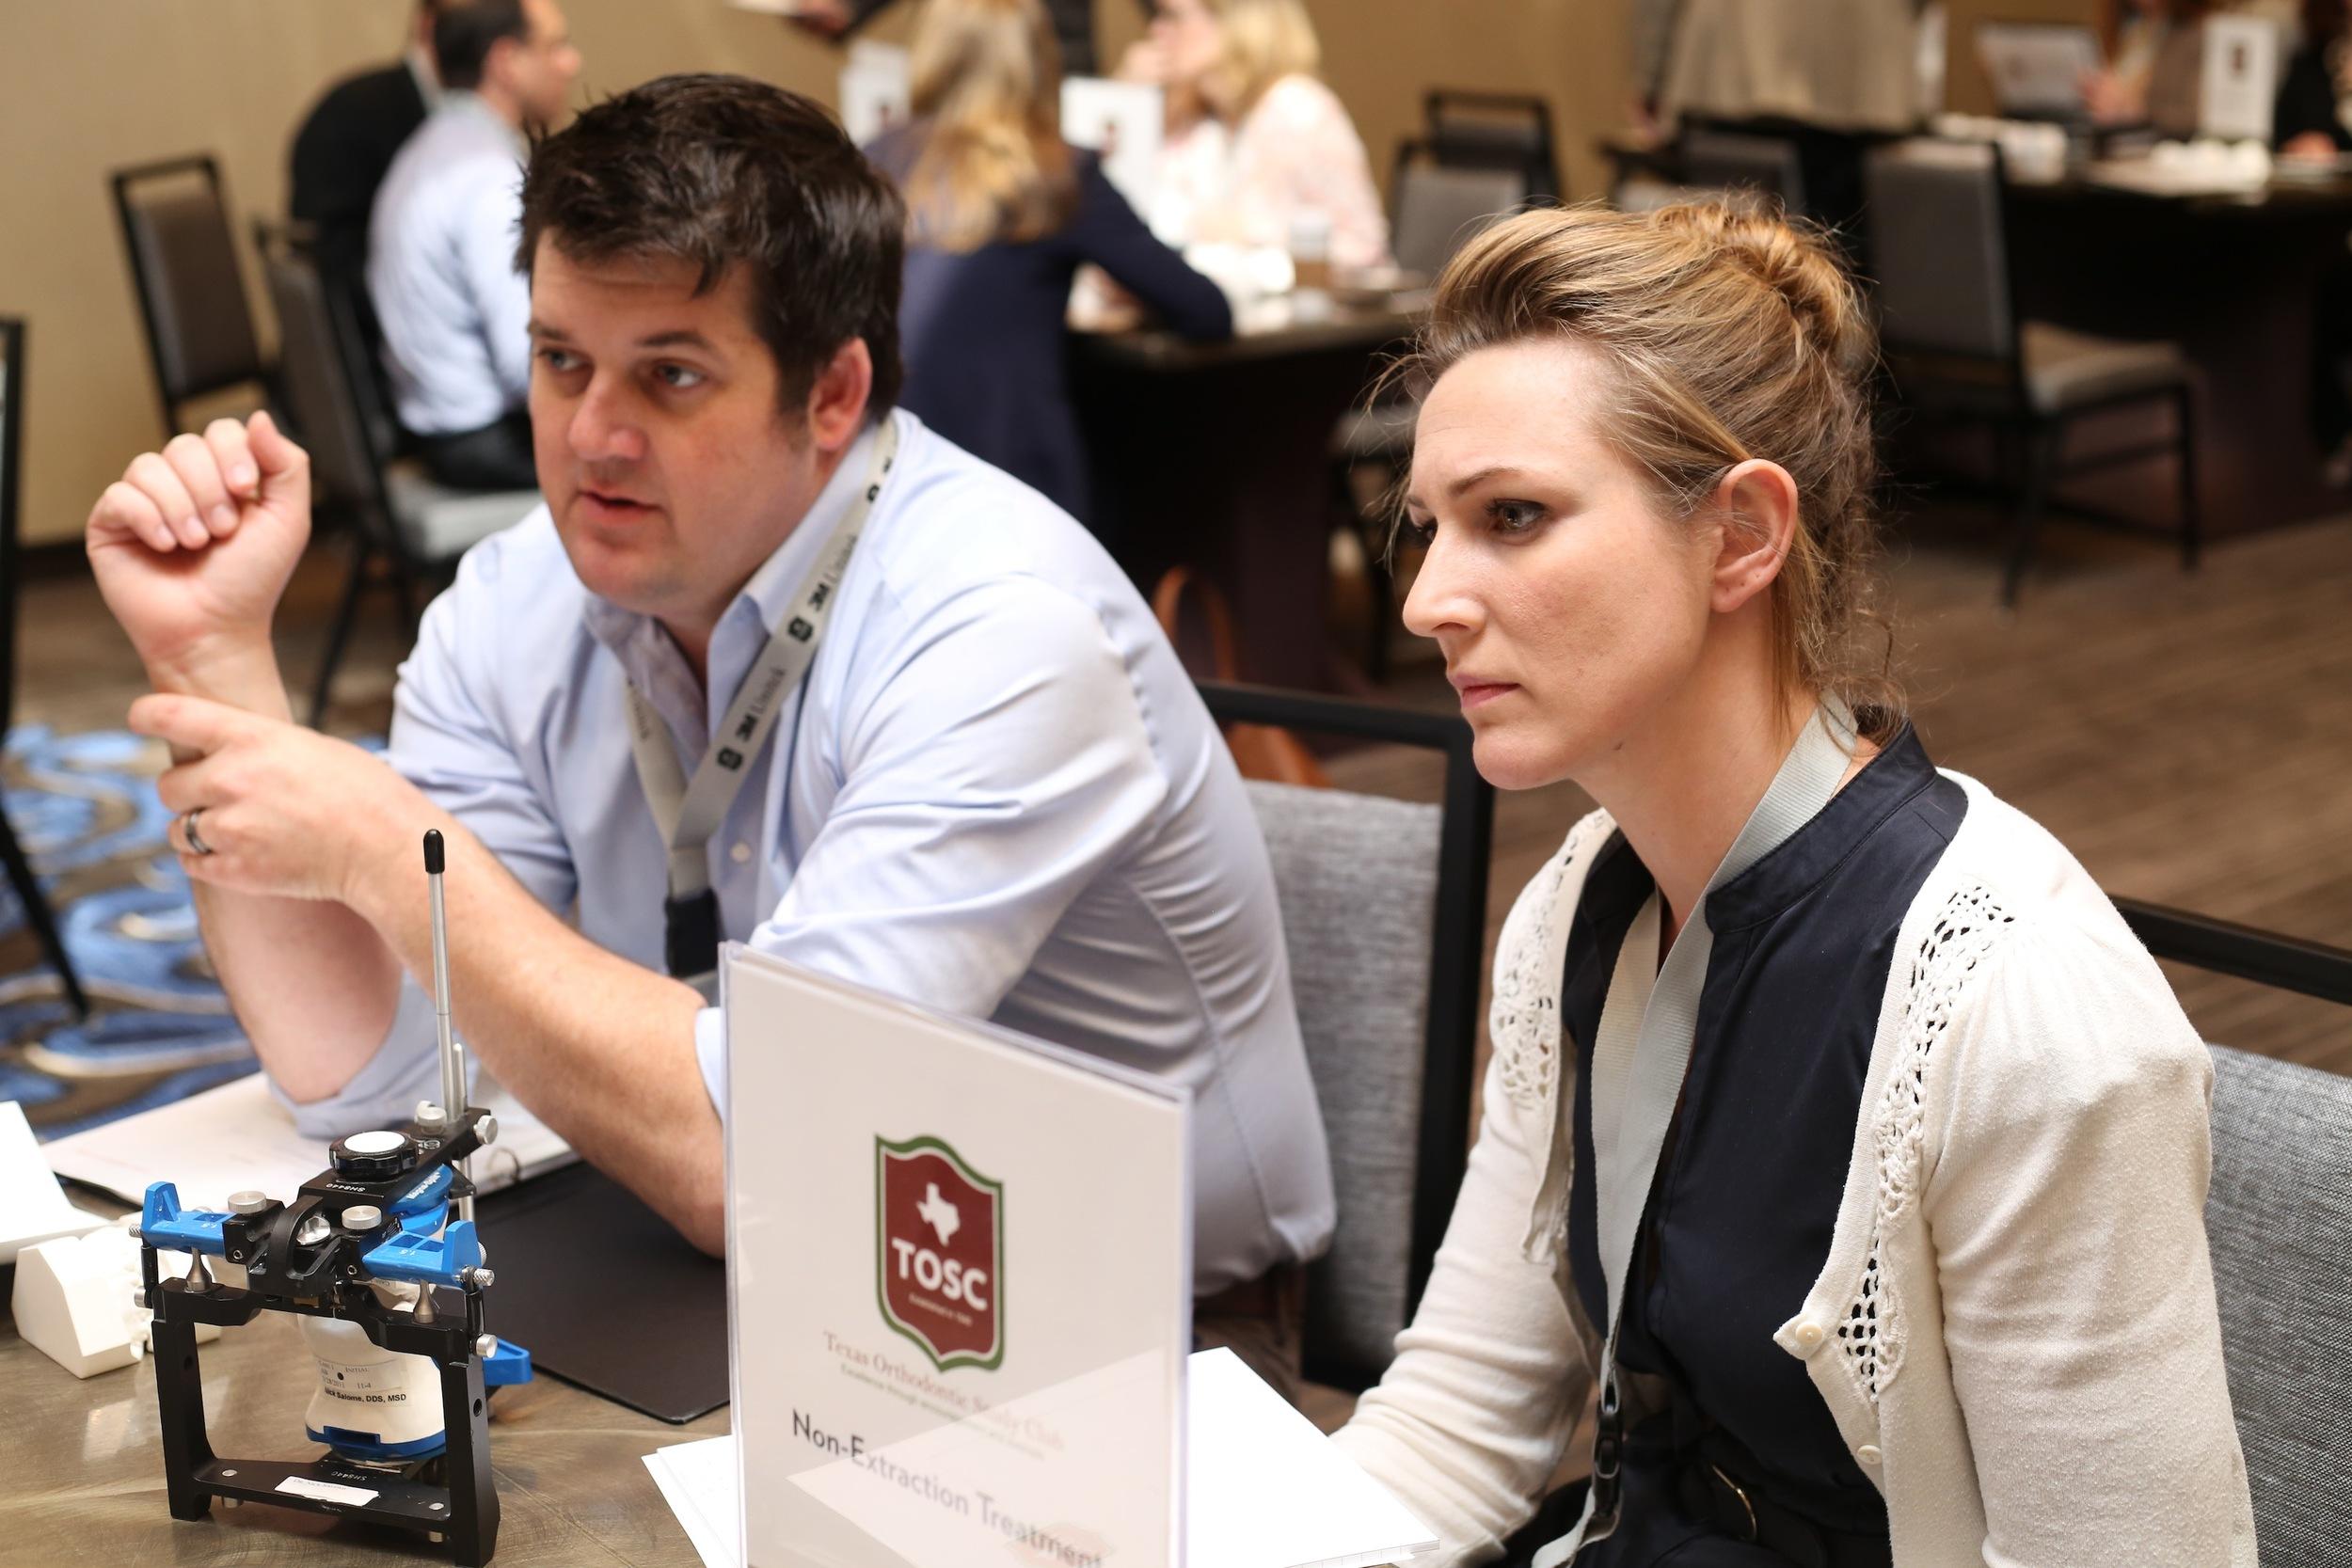 Drs. Jarod and Cele Oliver